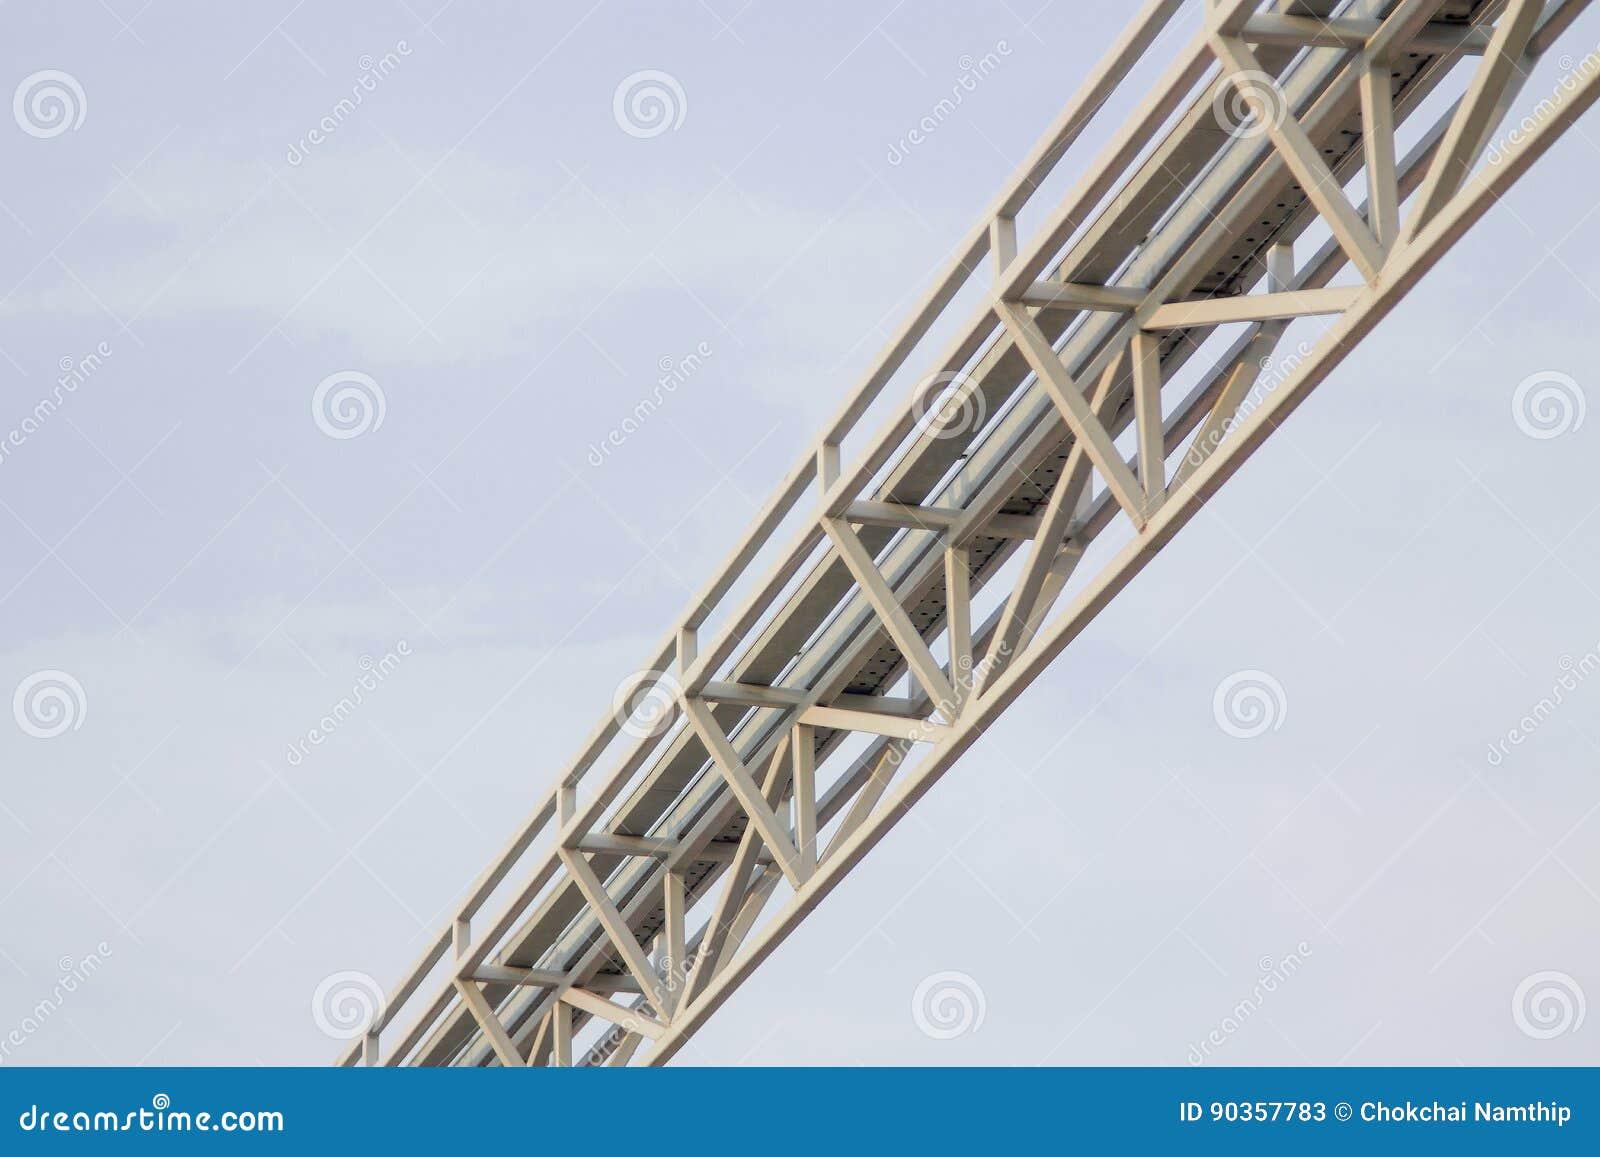 Stahlrahmenkonstruktion Für Hintergrund Stockbild - Bild von metall ...